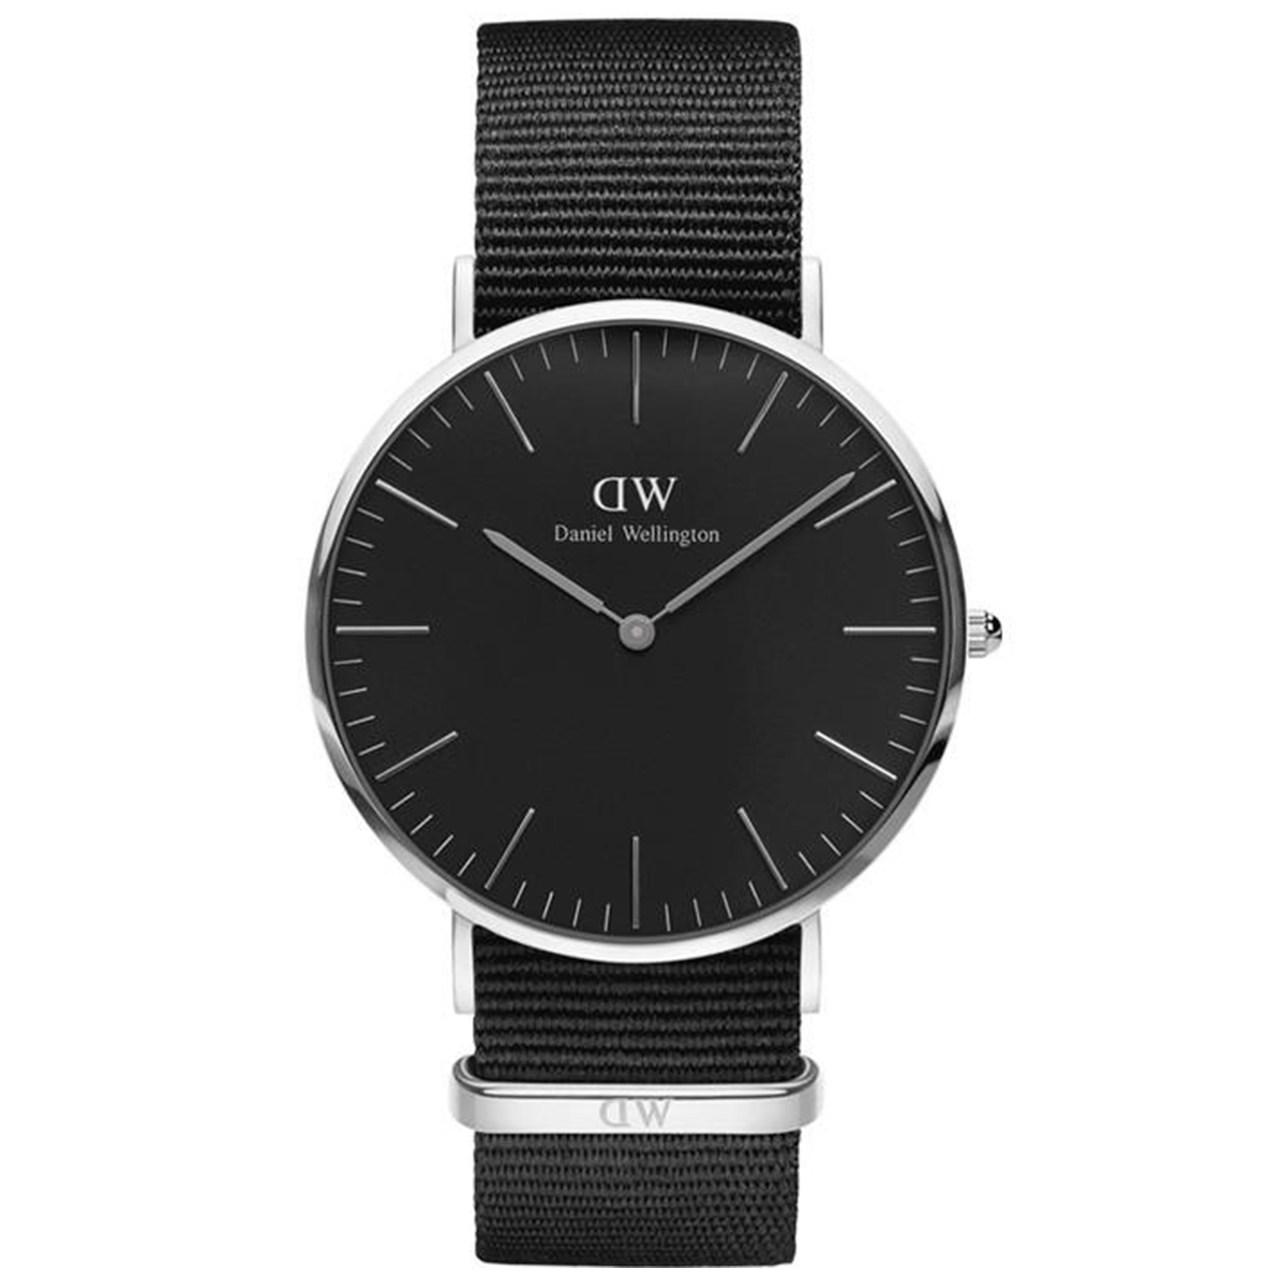 ساعت مچی عقربه ای مردانه دنیل ولینگتون مدل DW00100149              خرید (⭐️⭐️⭐️)